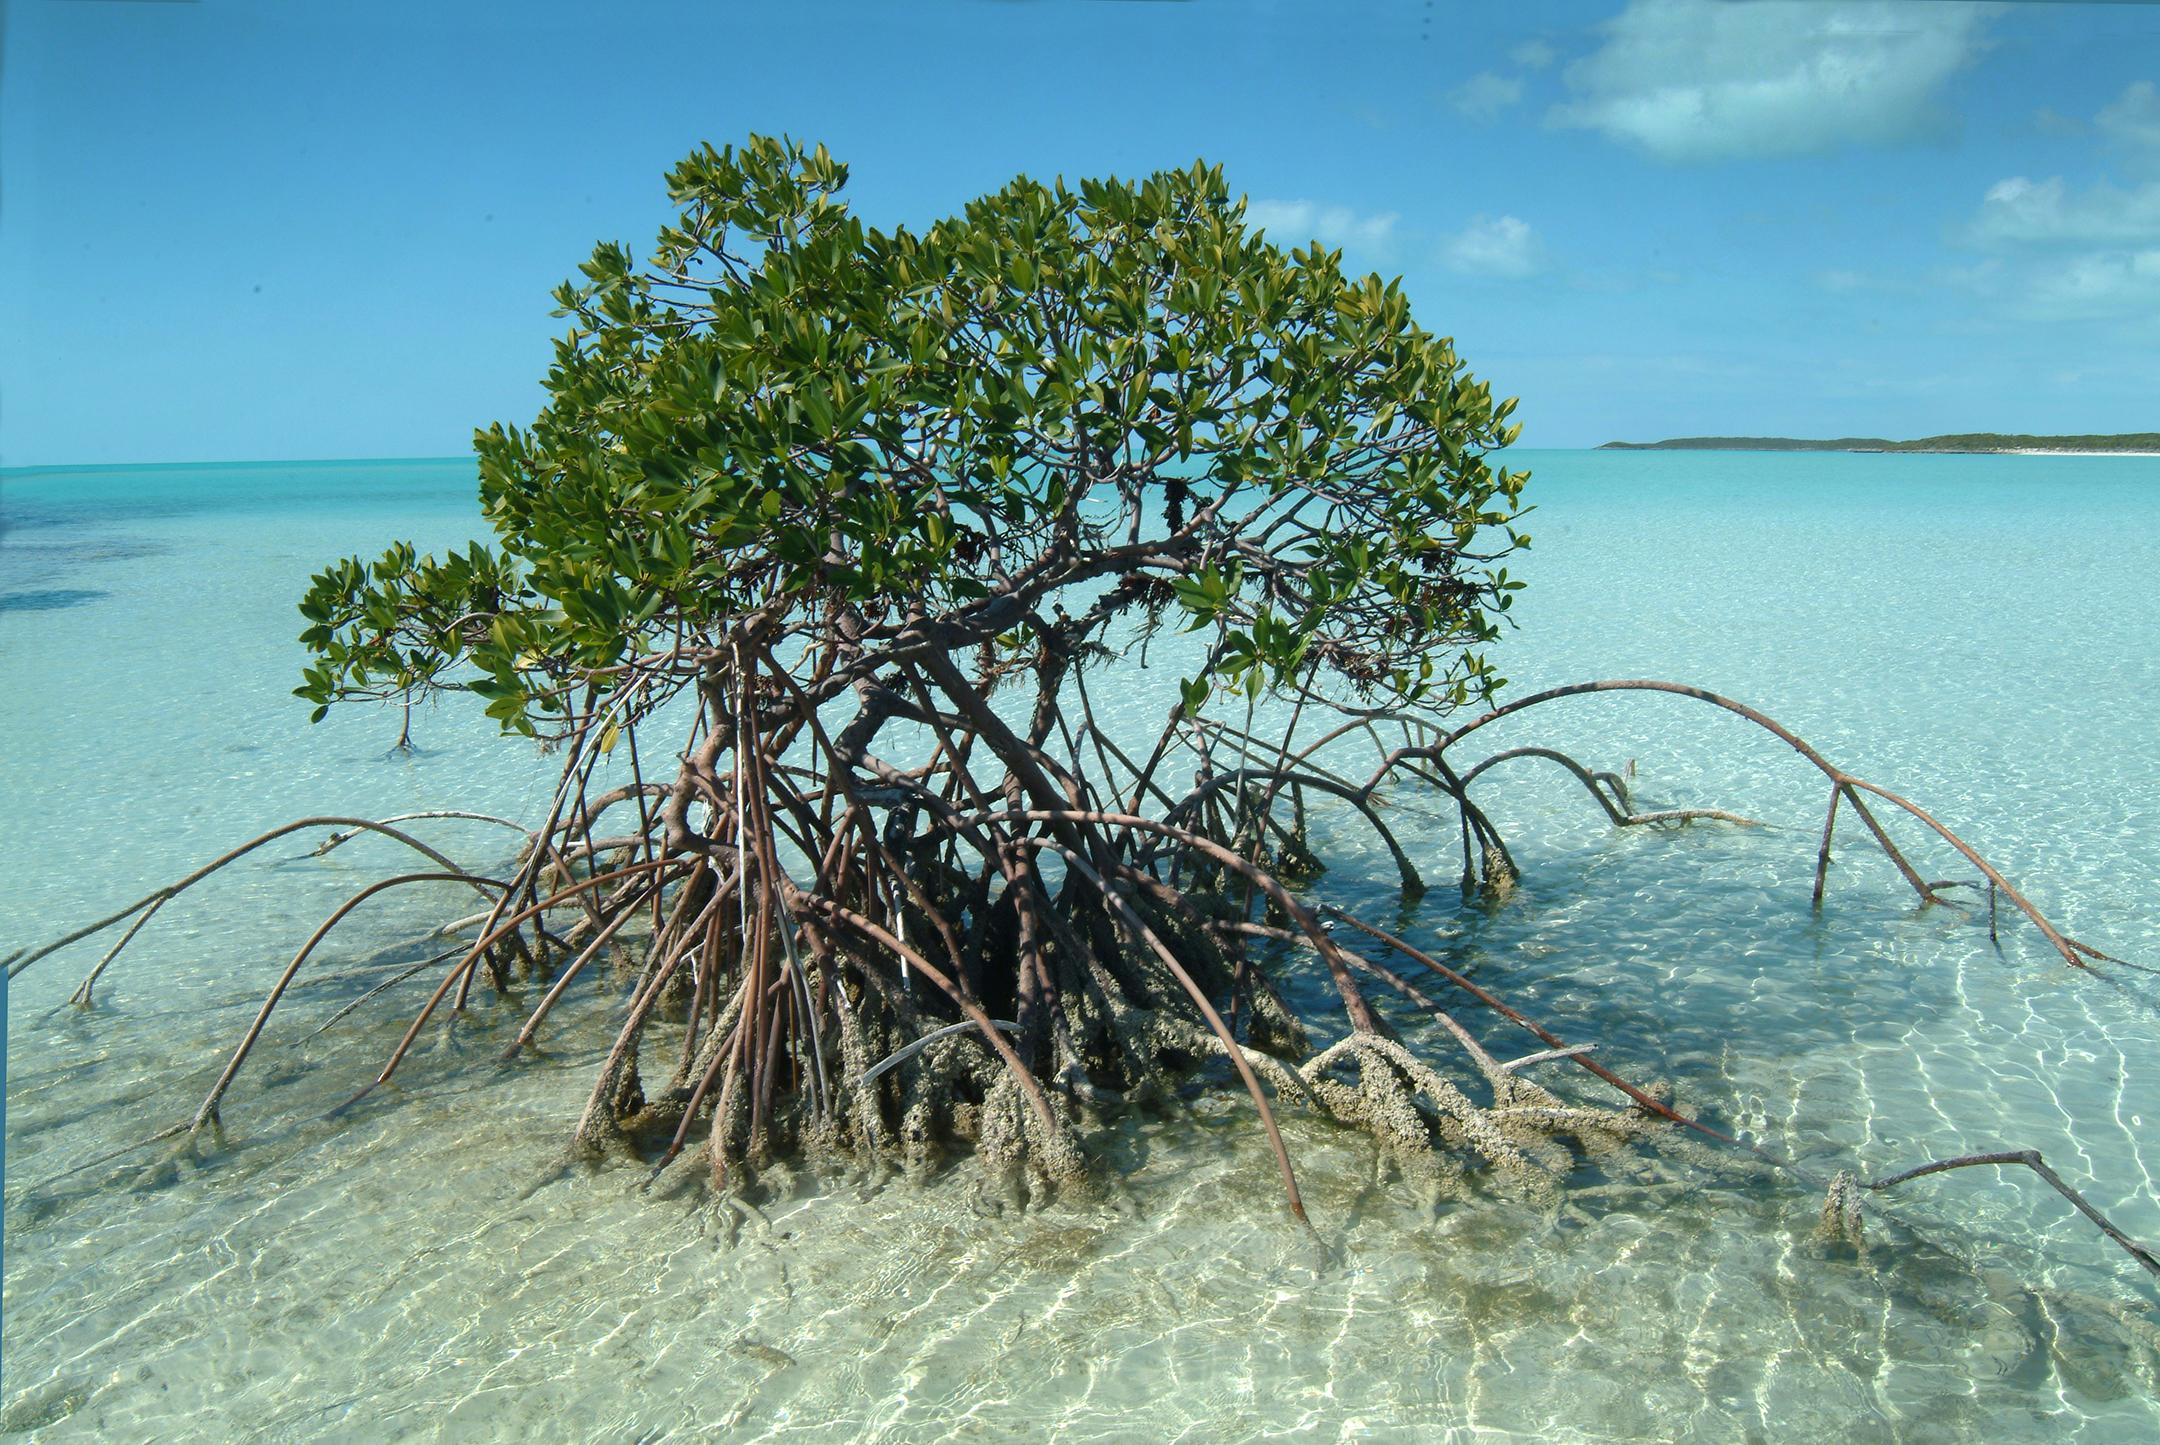 Barretare mangrove